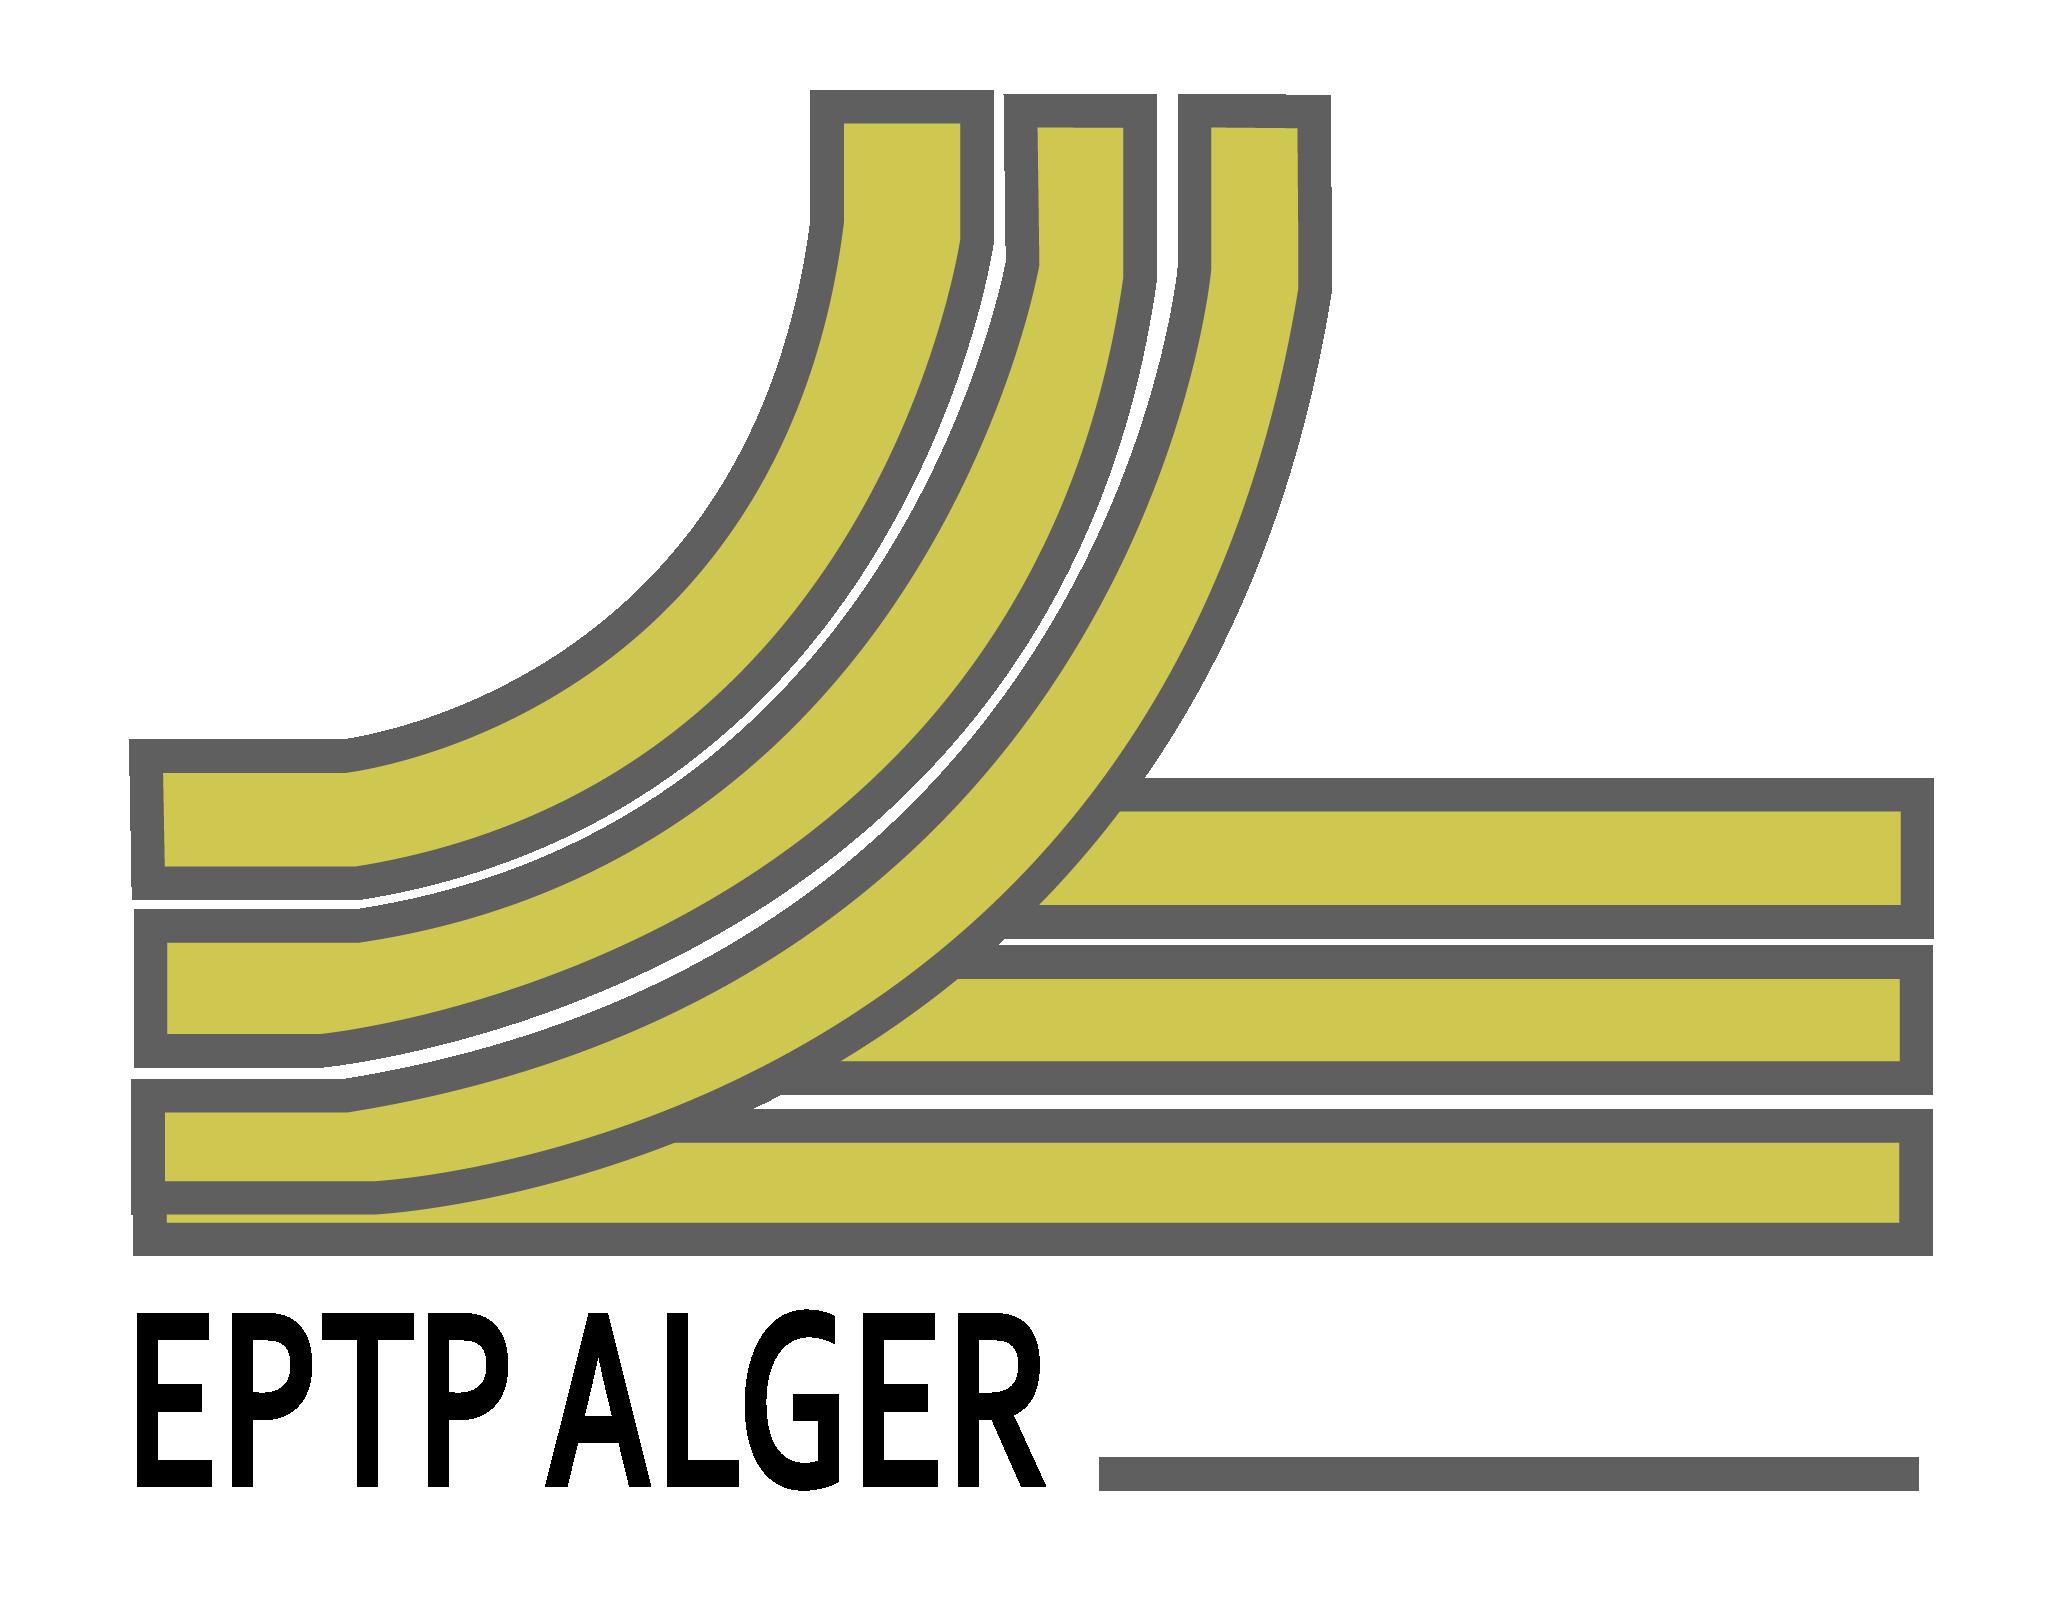 R-EPTP ALGER